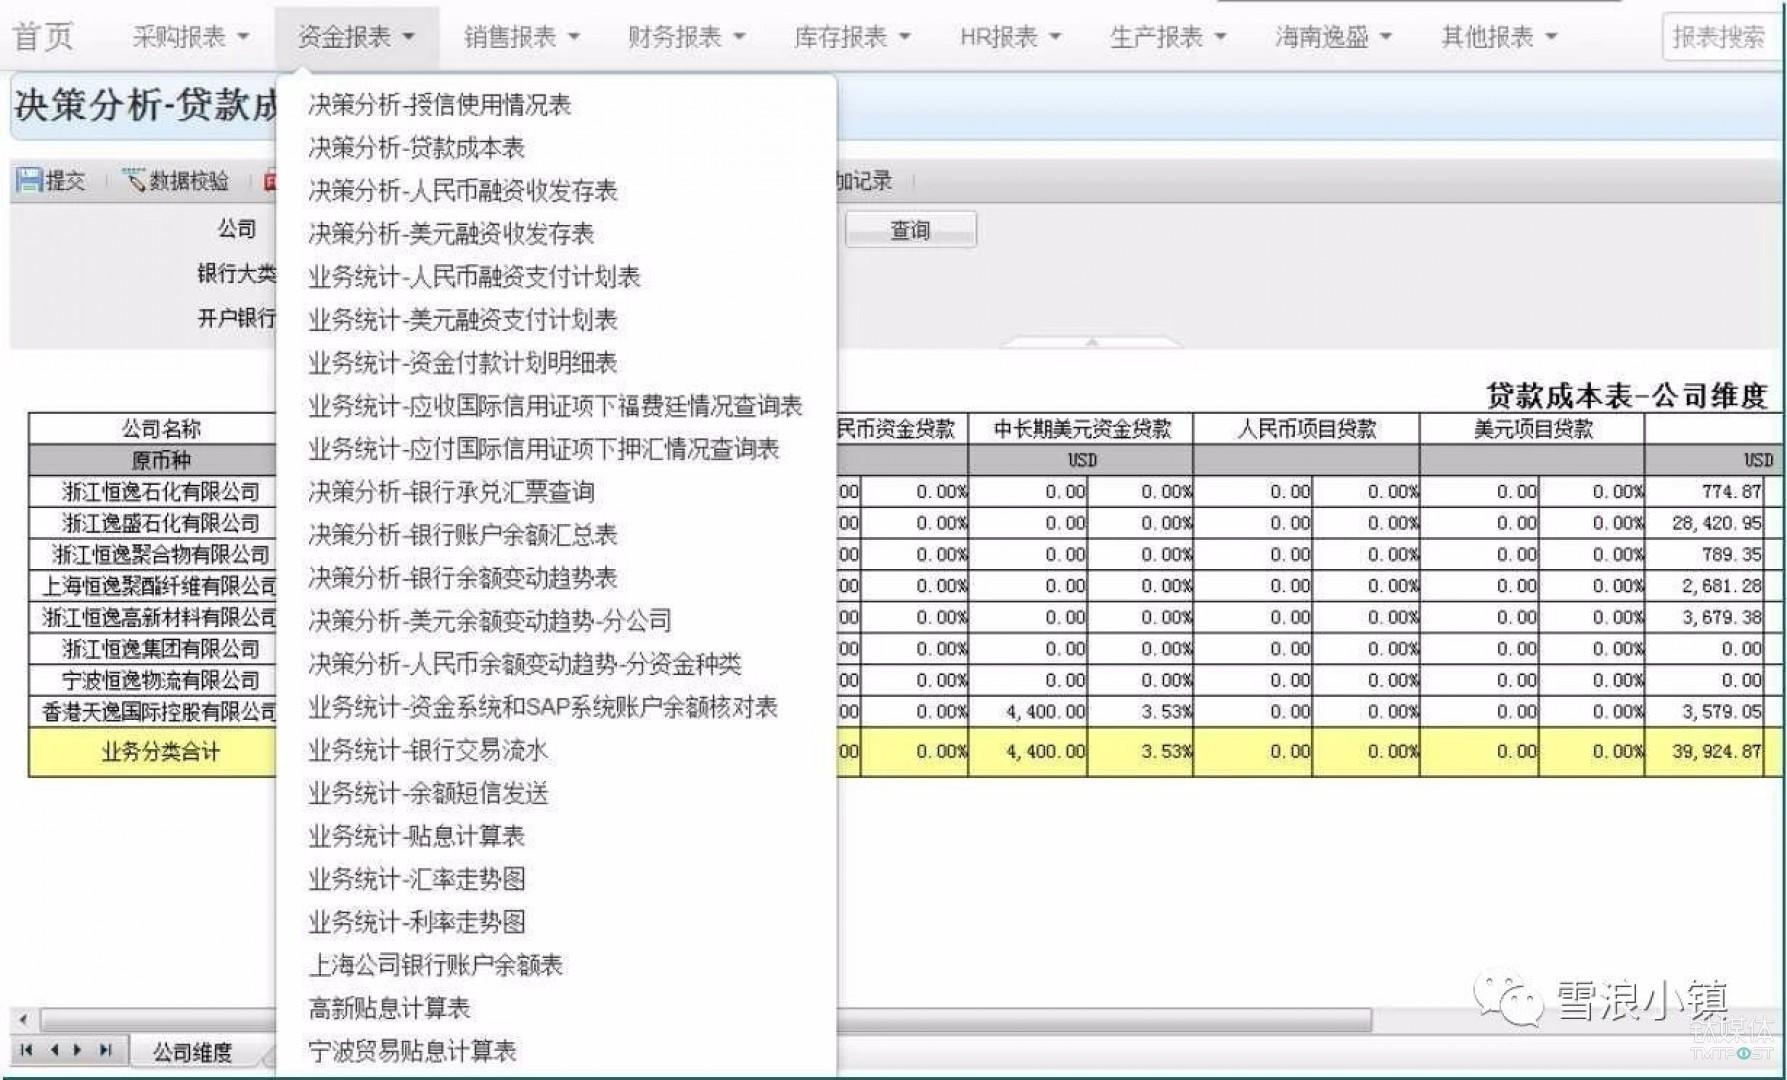 数据经过分析后输出后的各类报表